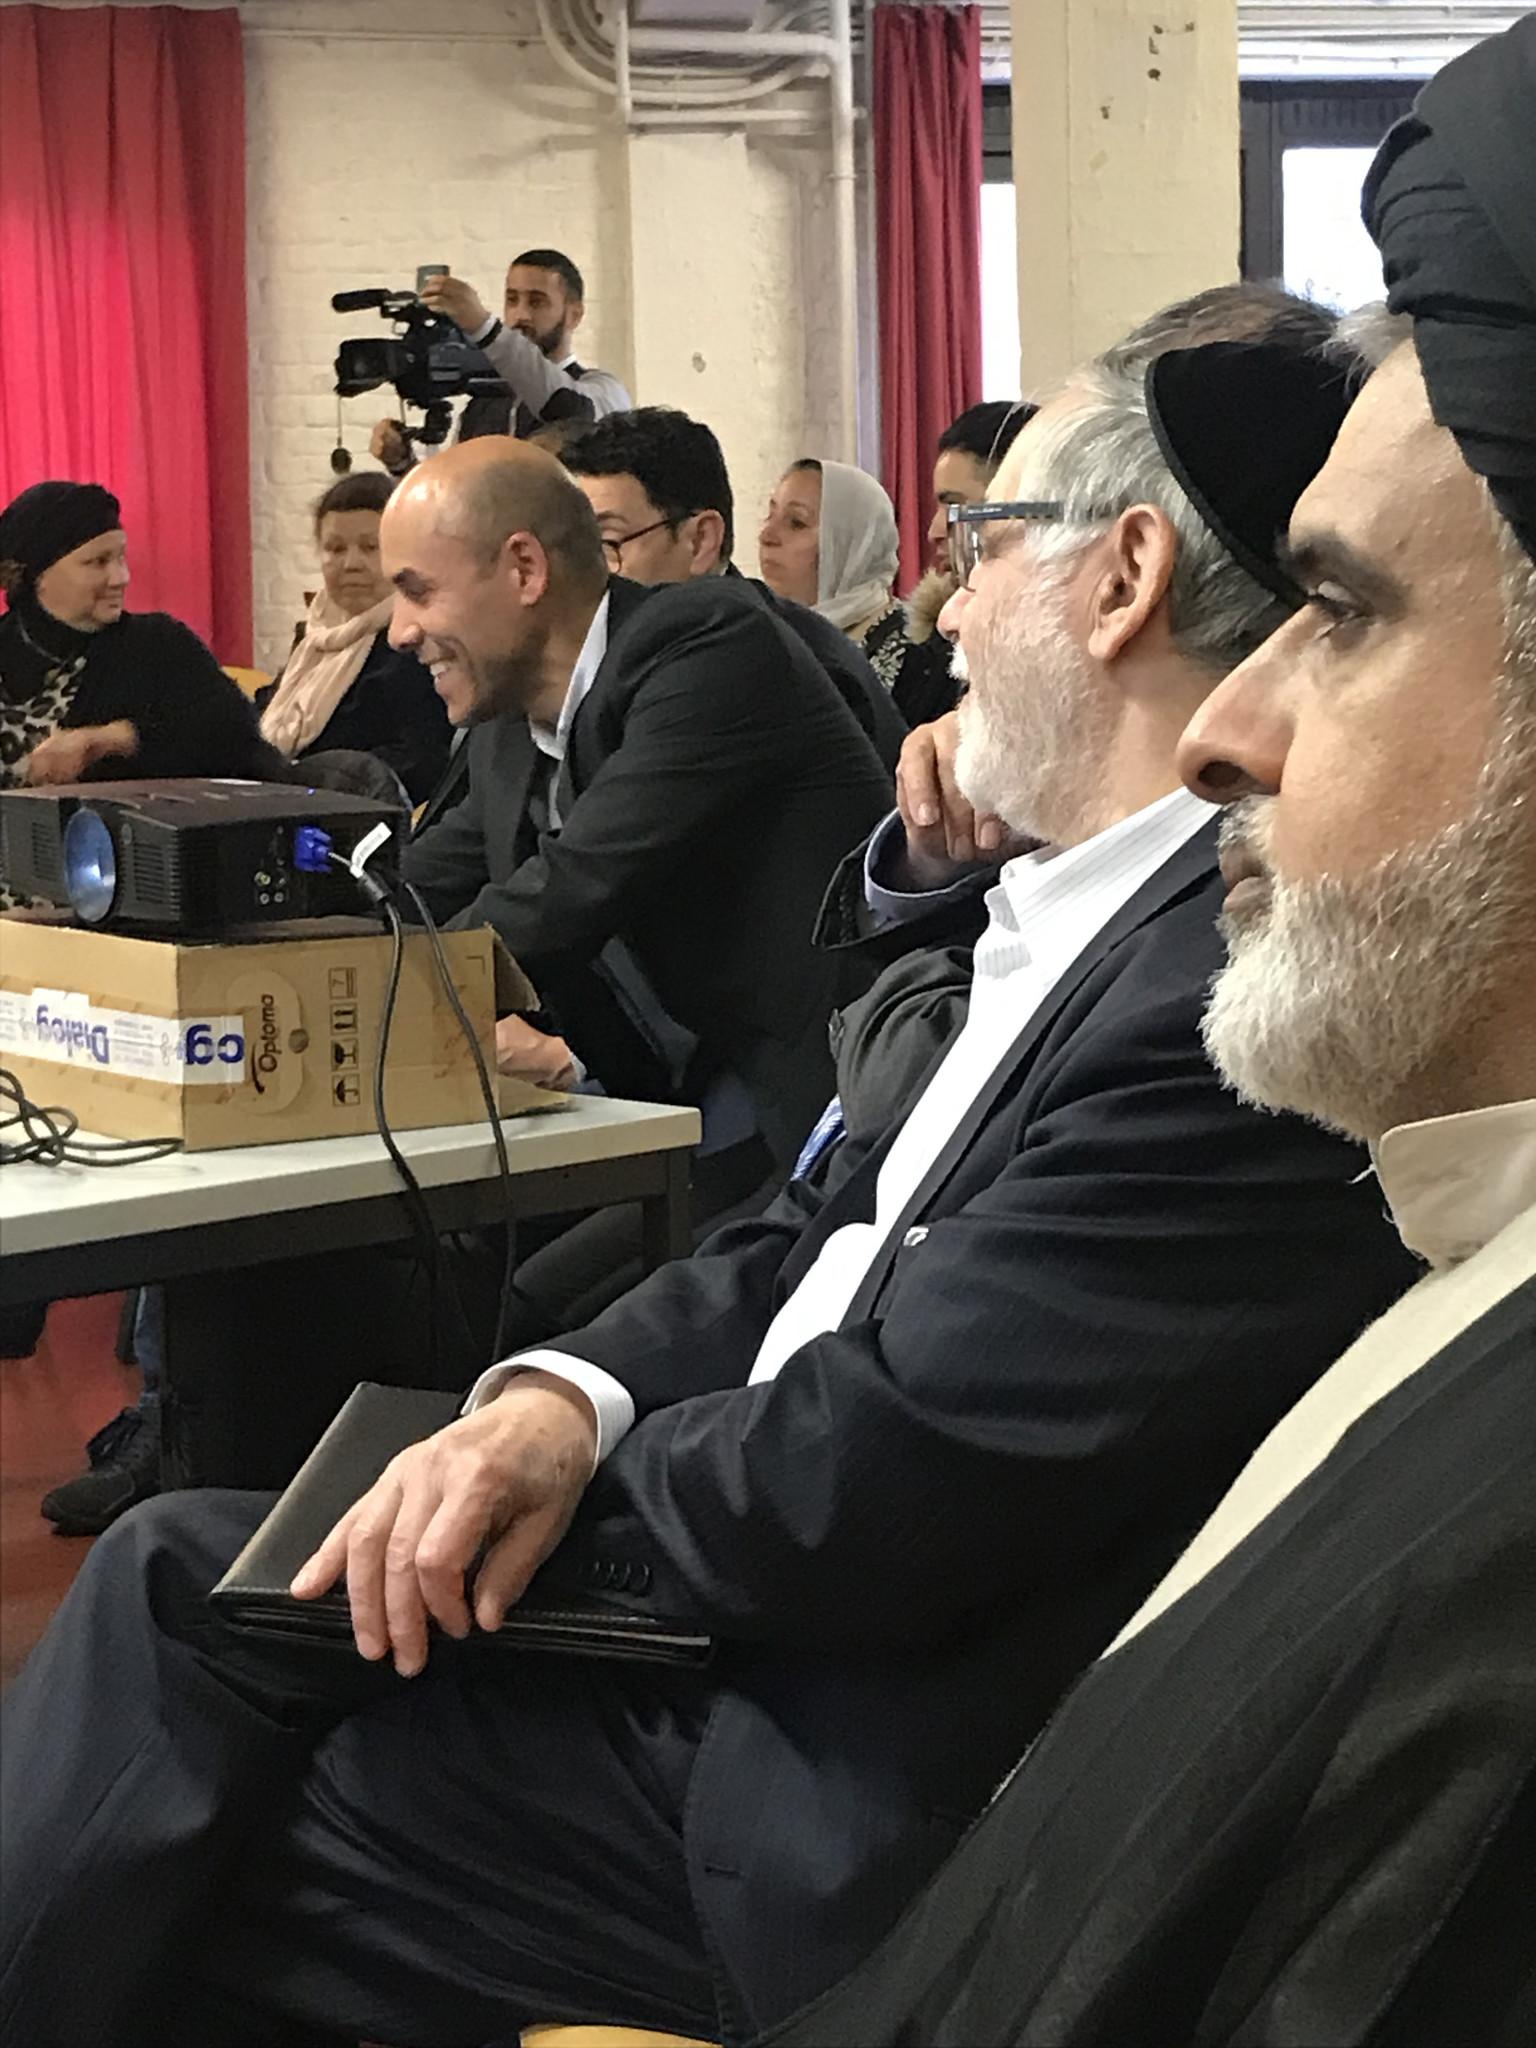 Seyedzyaoddin Salehi sitting among the participants of the debate